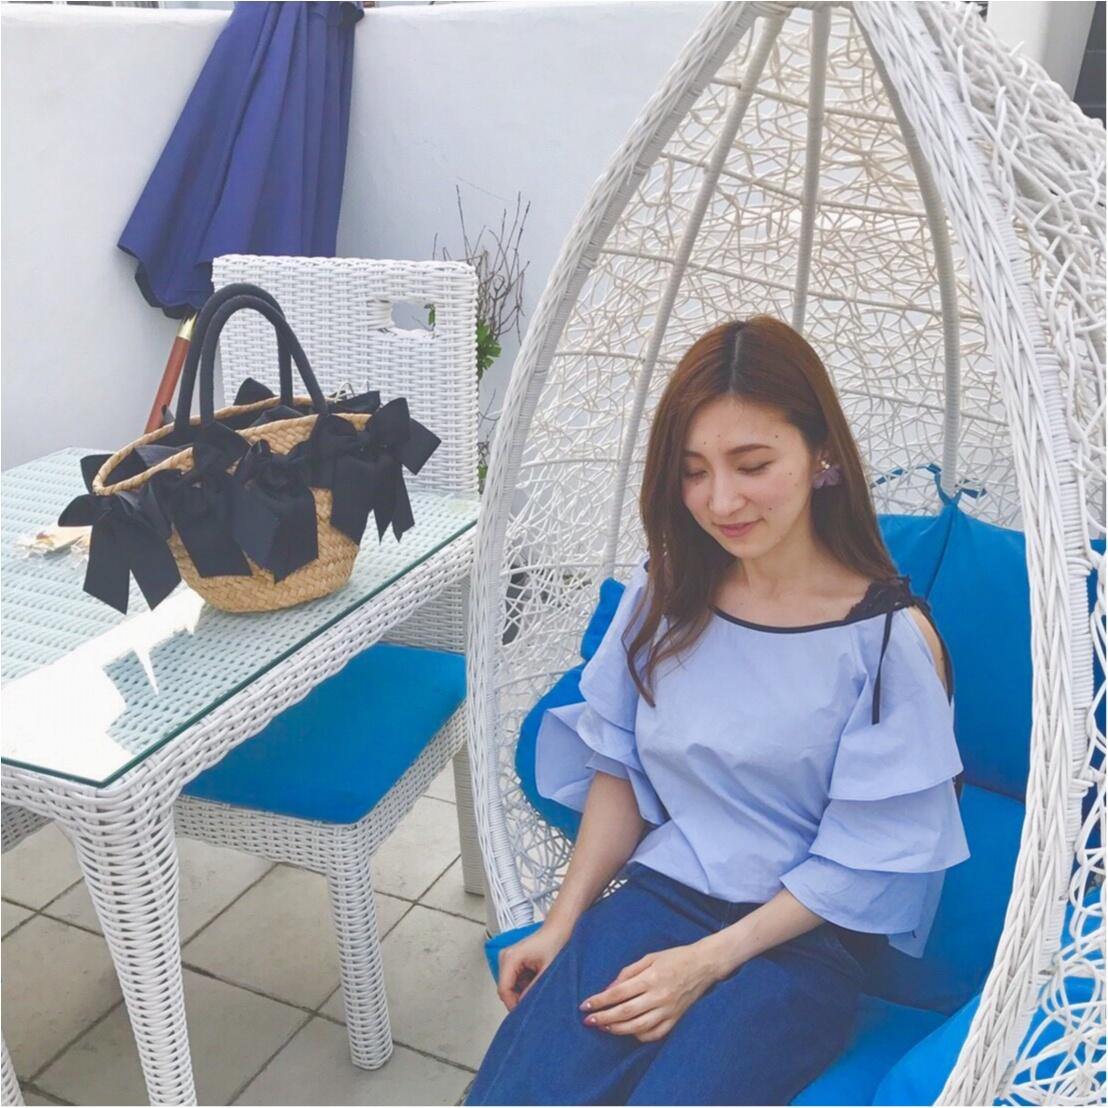 【江ノ島cafe】ホワイト×ブルーの地中海リゾートカフェ。晴れてる日はテラス席がおすすめ!!_4